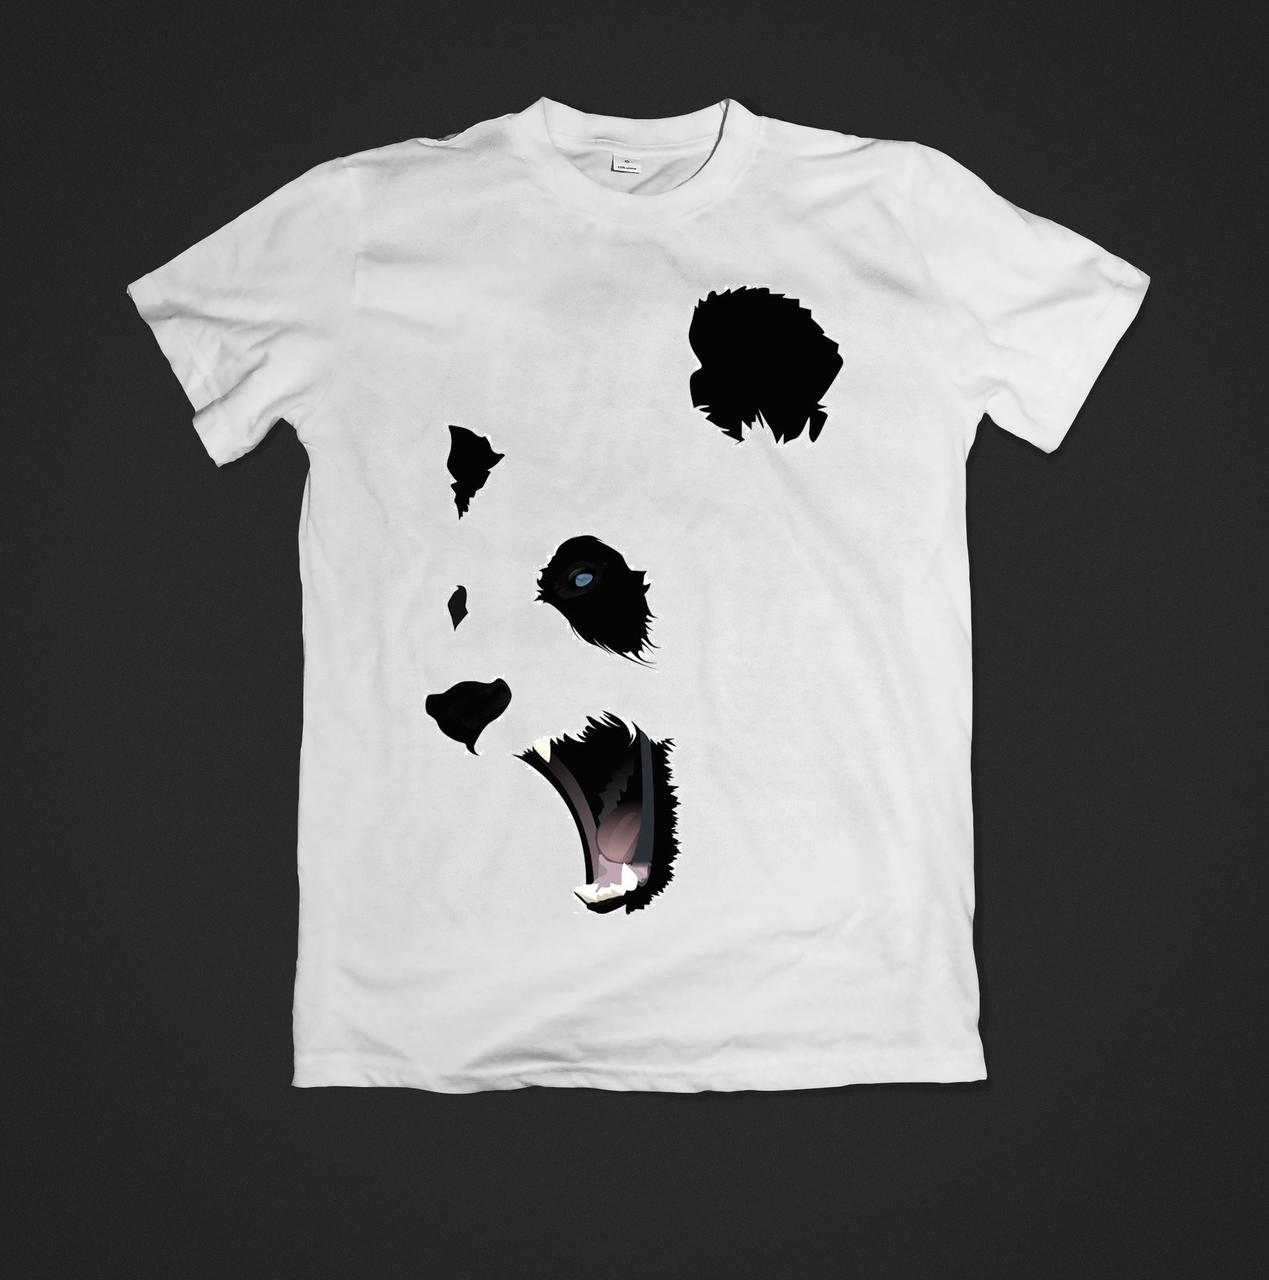 Футболка YOUstyle жіноча Panda 0520 L White